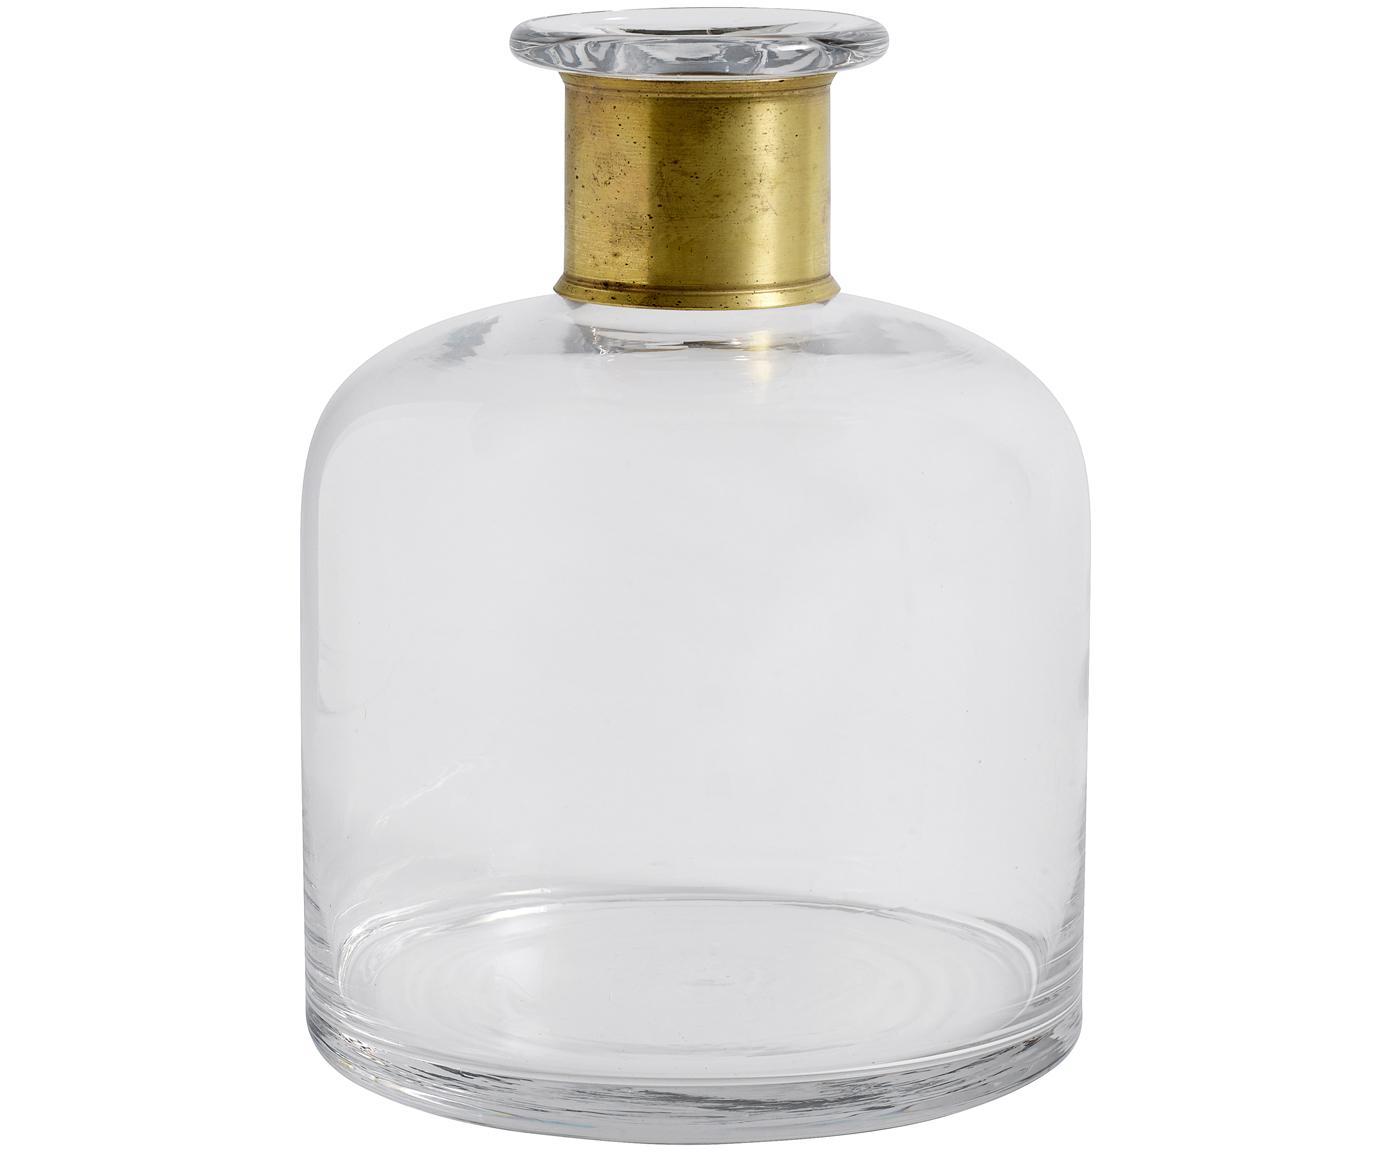 Mondgeblazen vaas Julie, Vaas: glas, Vaas: transparant. Versiering: messingkleurig, Ø 18 x H 23 cm